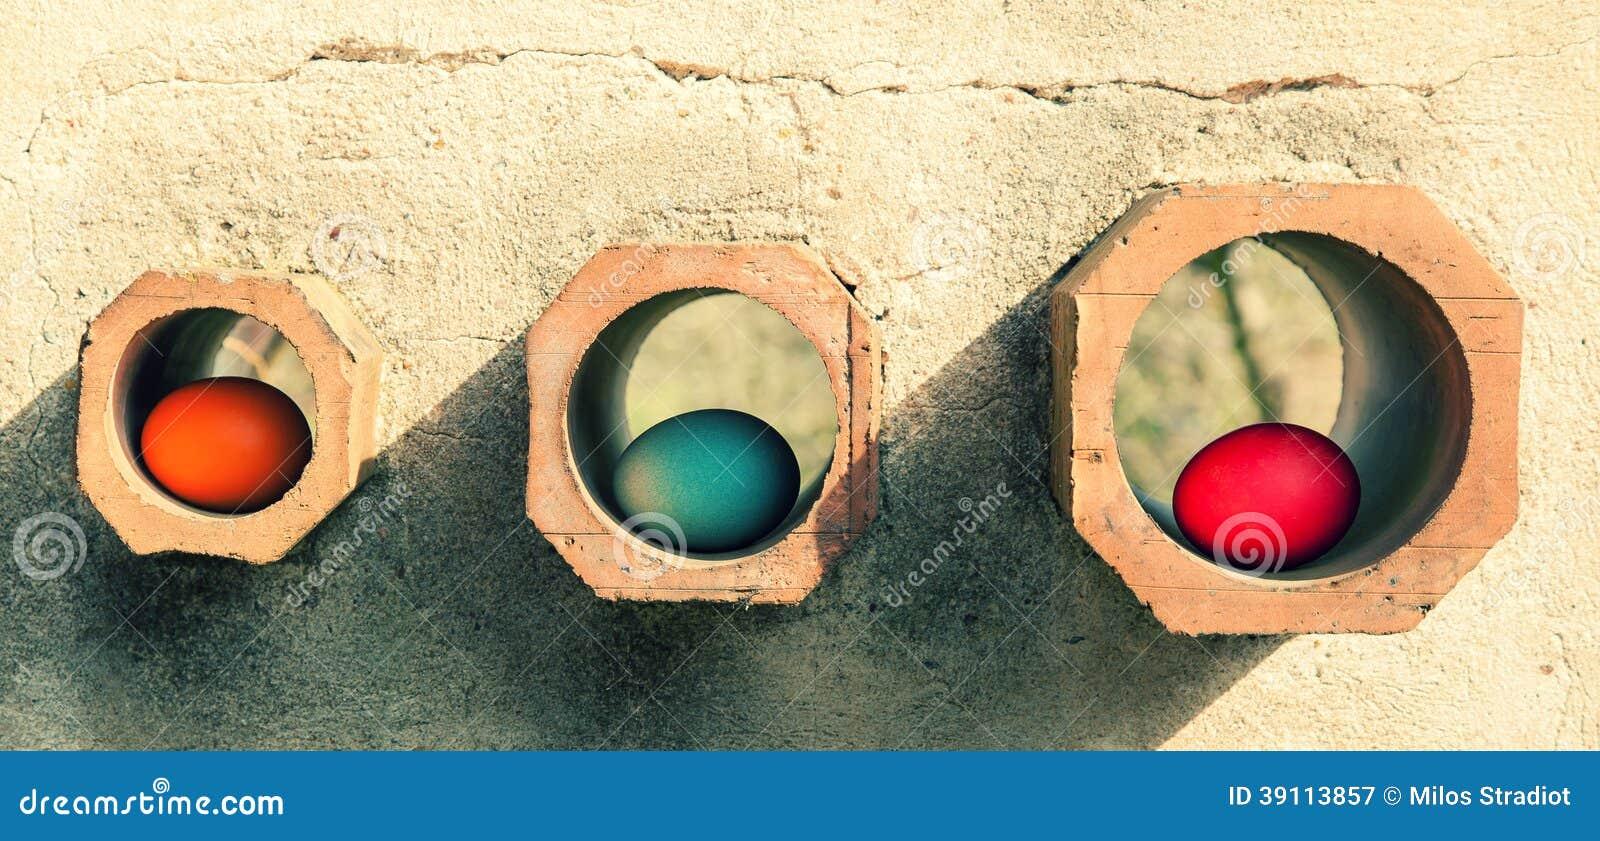 Eieren in gaten